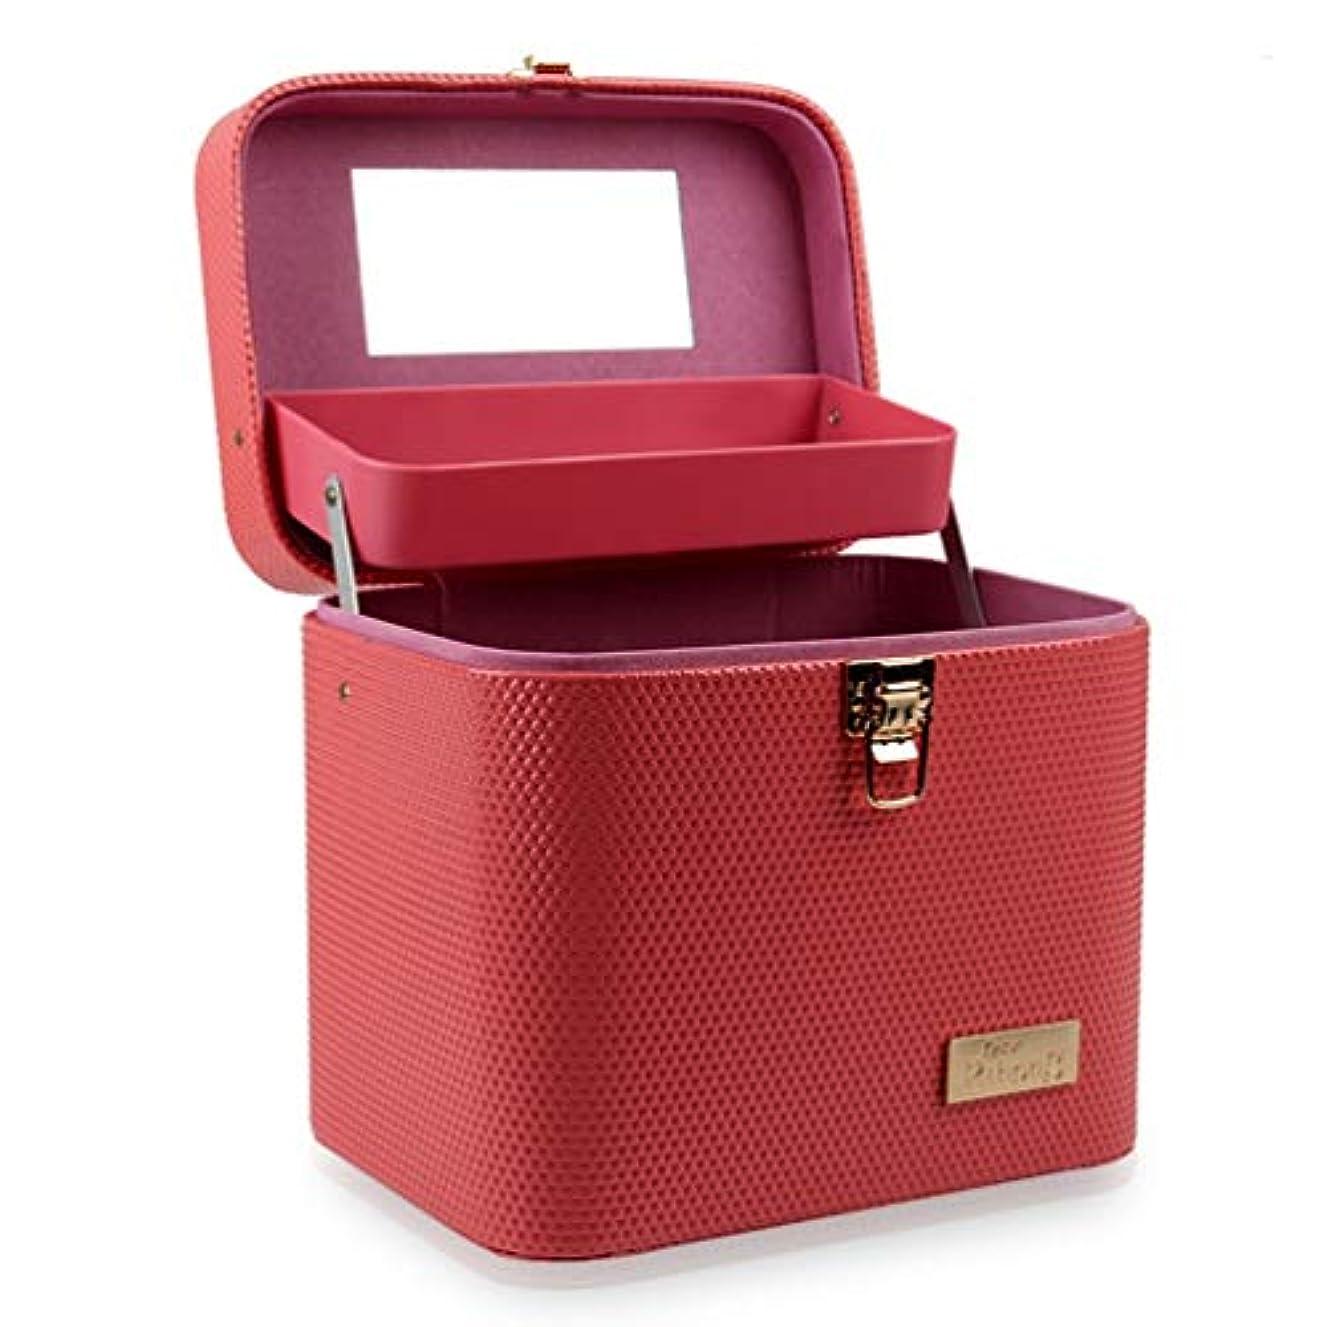 うなるご近所フェロー諸島[カタク]メイクボックス コスメボックス 大容量 鏡付き 2段タイプ 化粧ボックス おしゃれ 取っ手付 携帯便利 化粧道具 メイクブラシ 小物 出張 旅行 機能的 PUレザー プロ仕様 化粧ポーチ コスメBOX